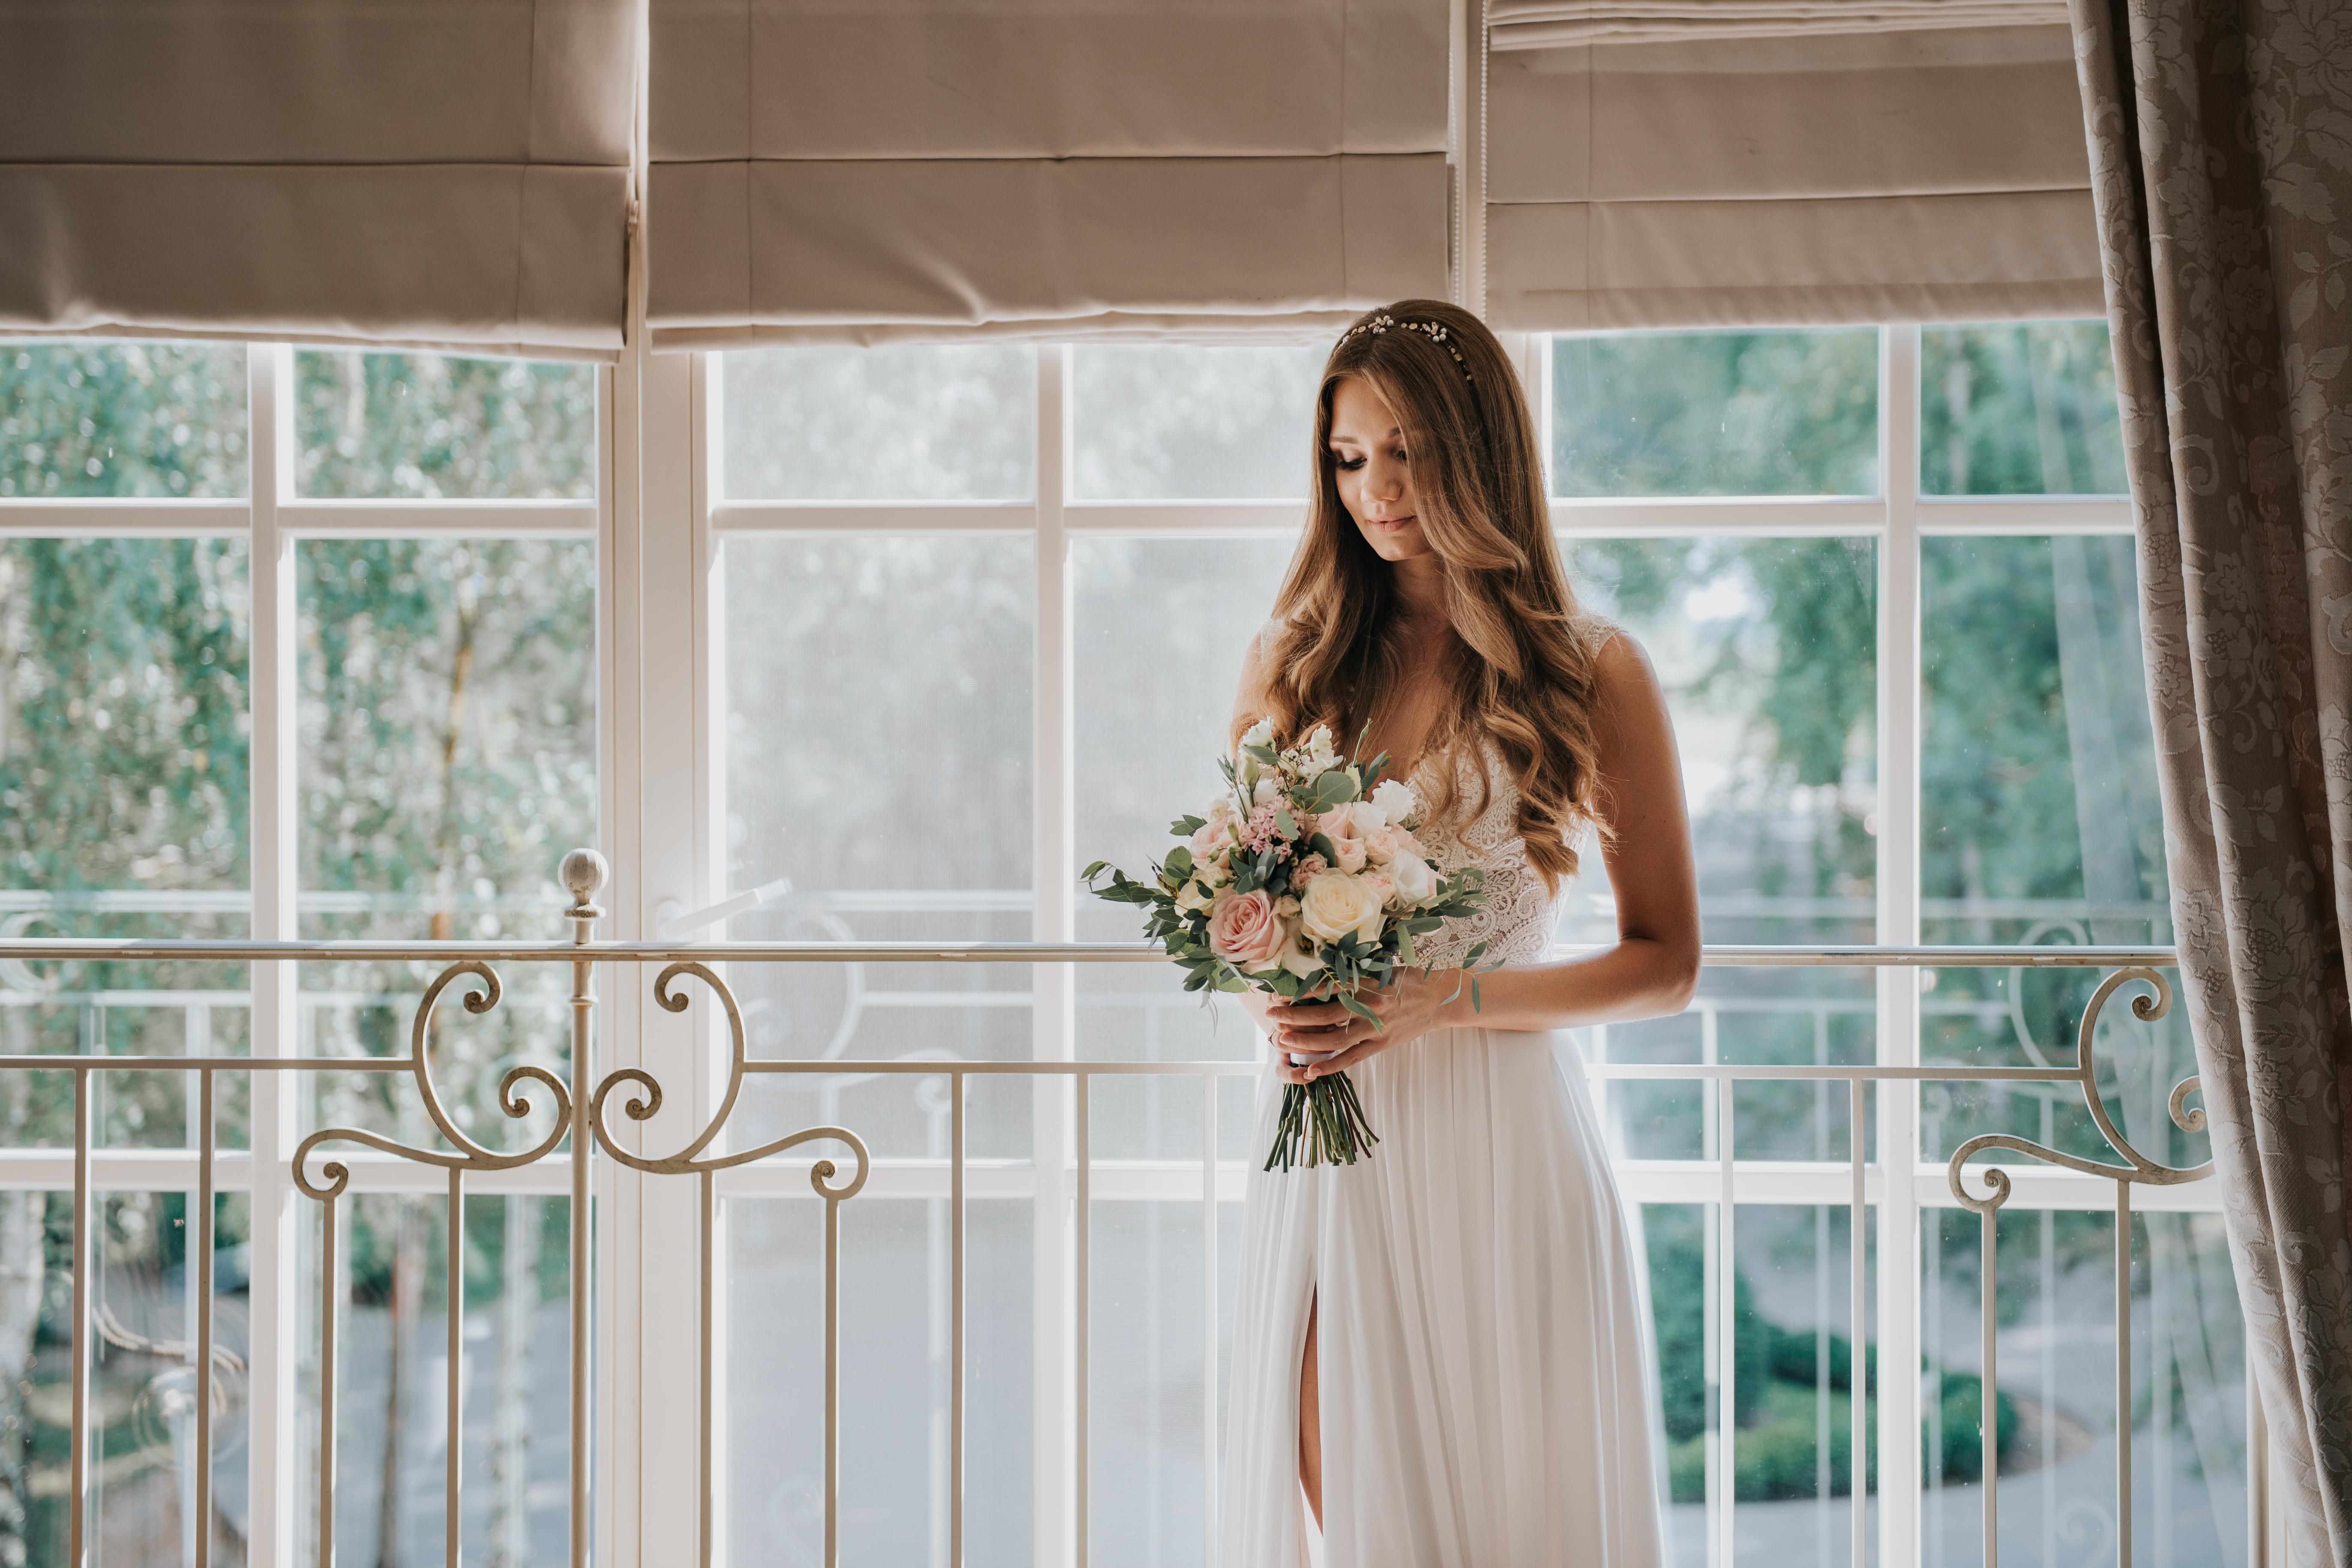 najpiękniejszy_ślub